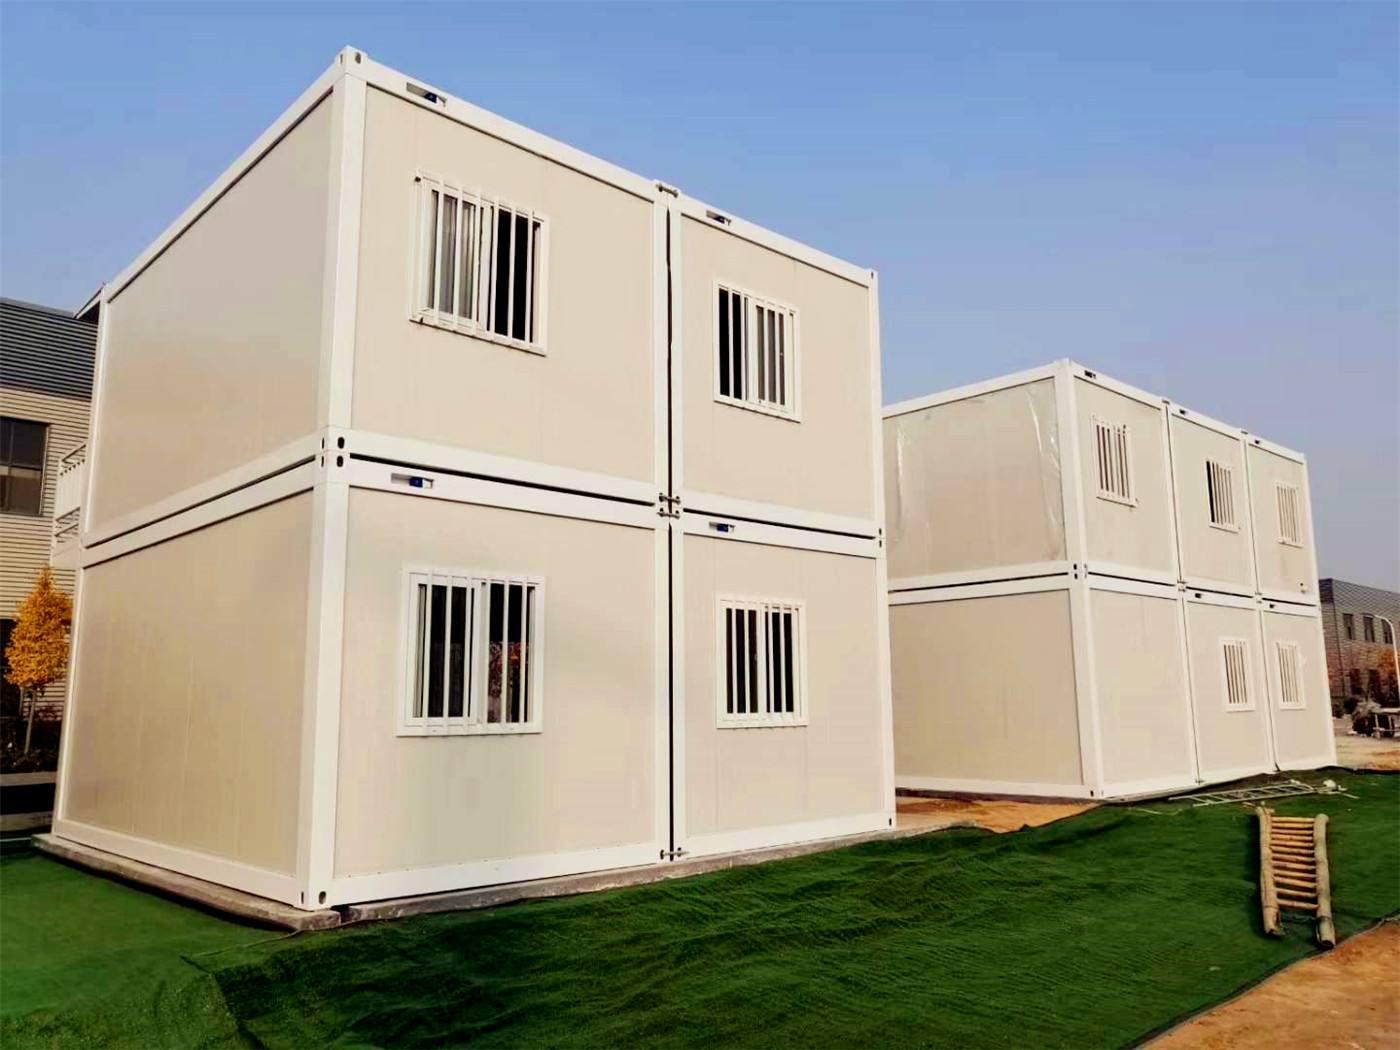 防火保温的良好性能为客户提供优质安全的拼装式集装箱房。